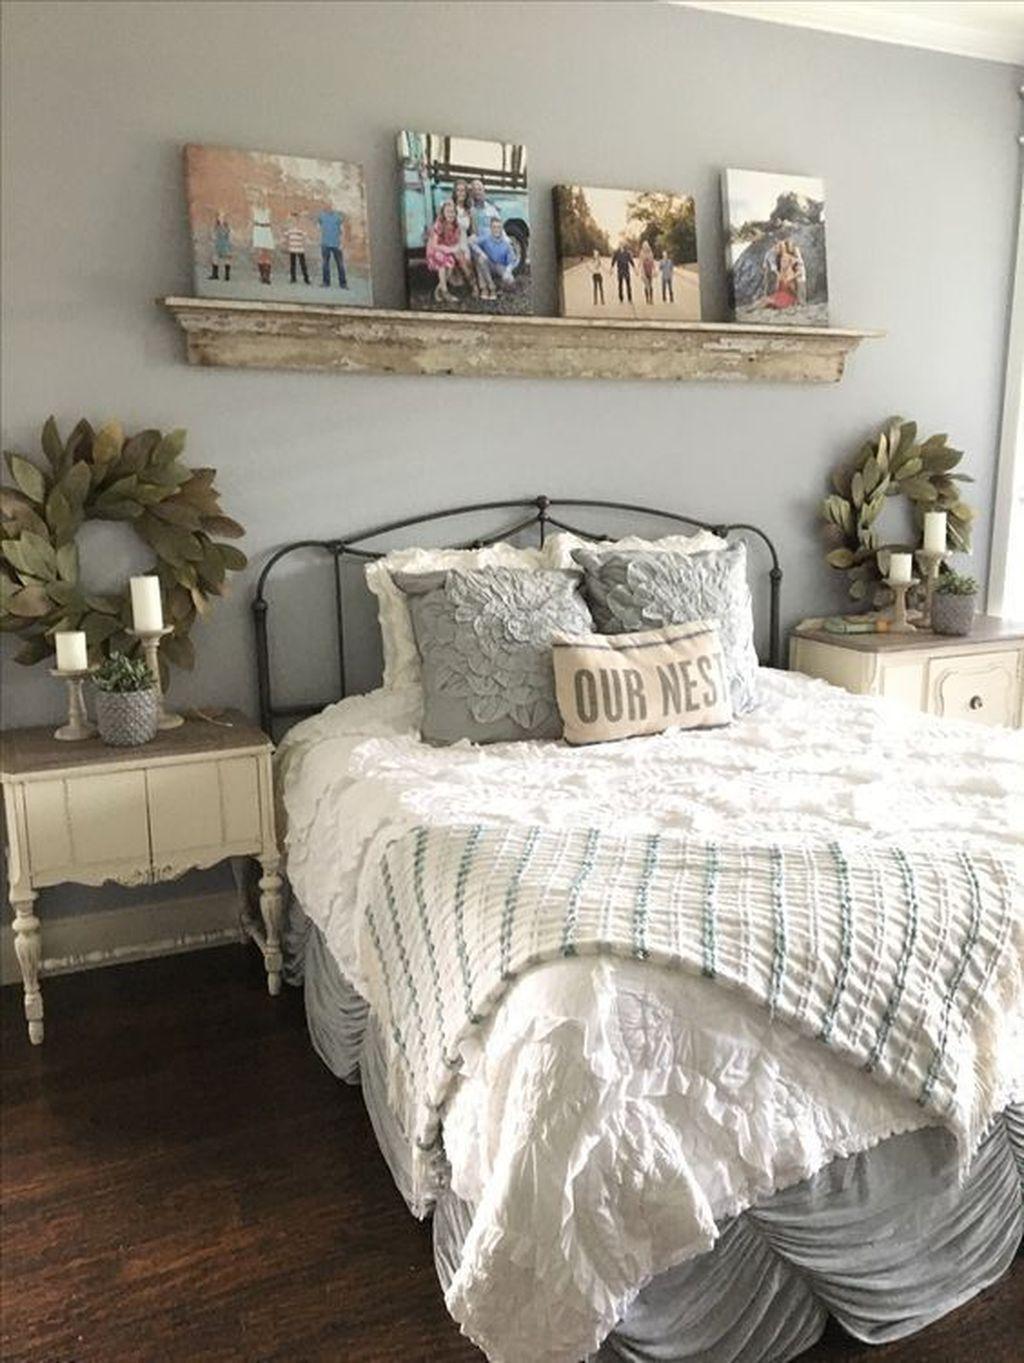 25 Inviting And Cozy Farmhouse Bedroom (The Visual Treats) - A11